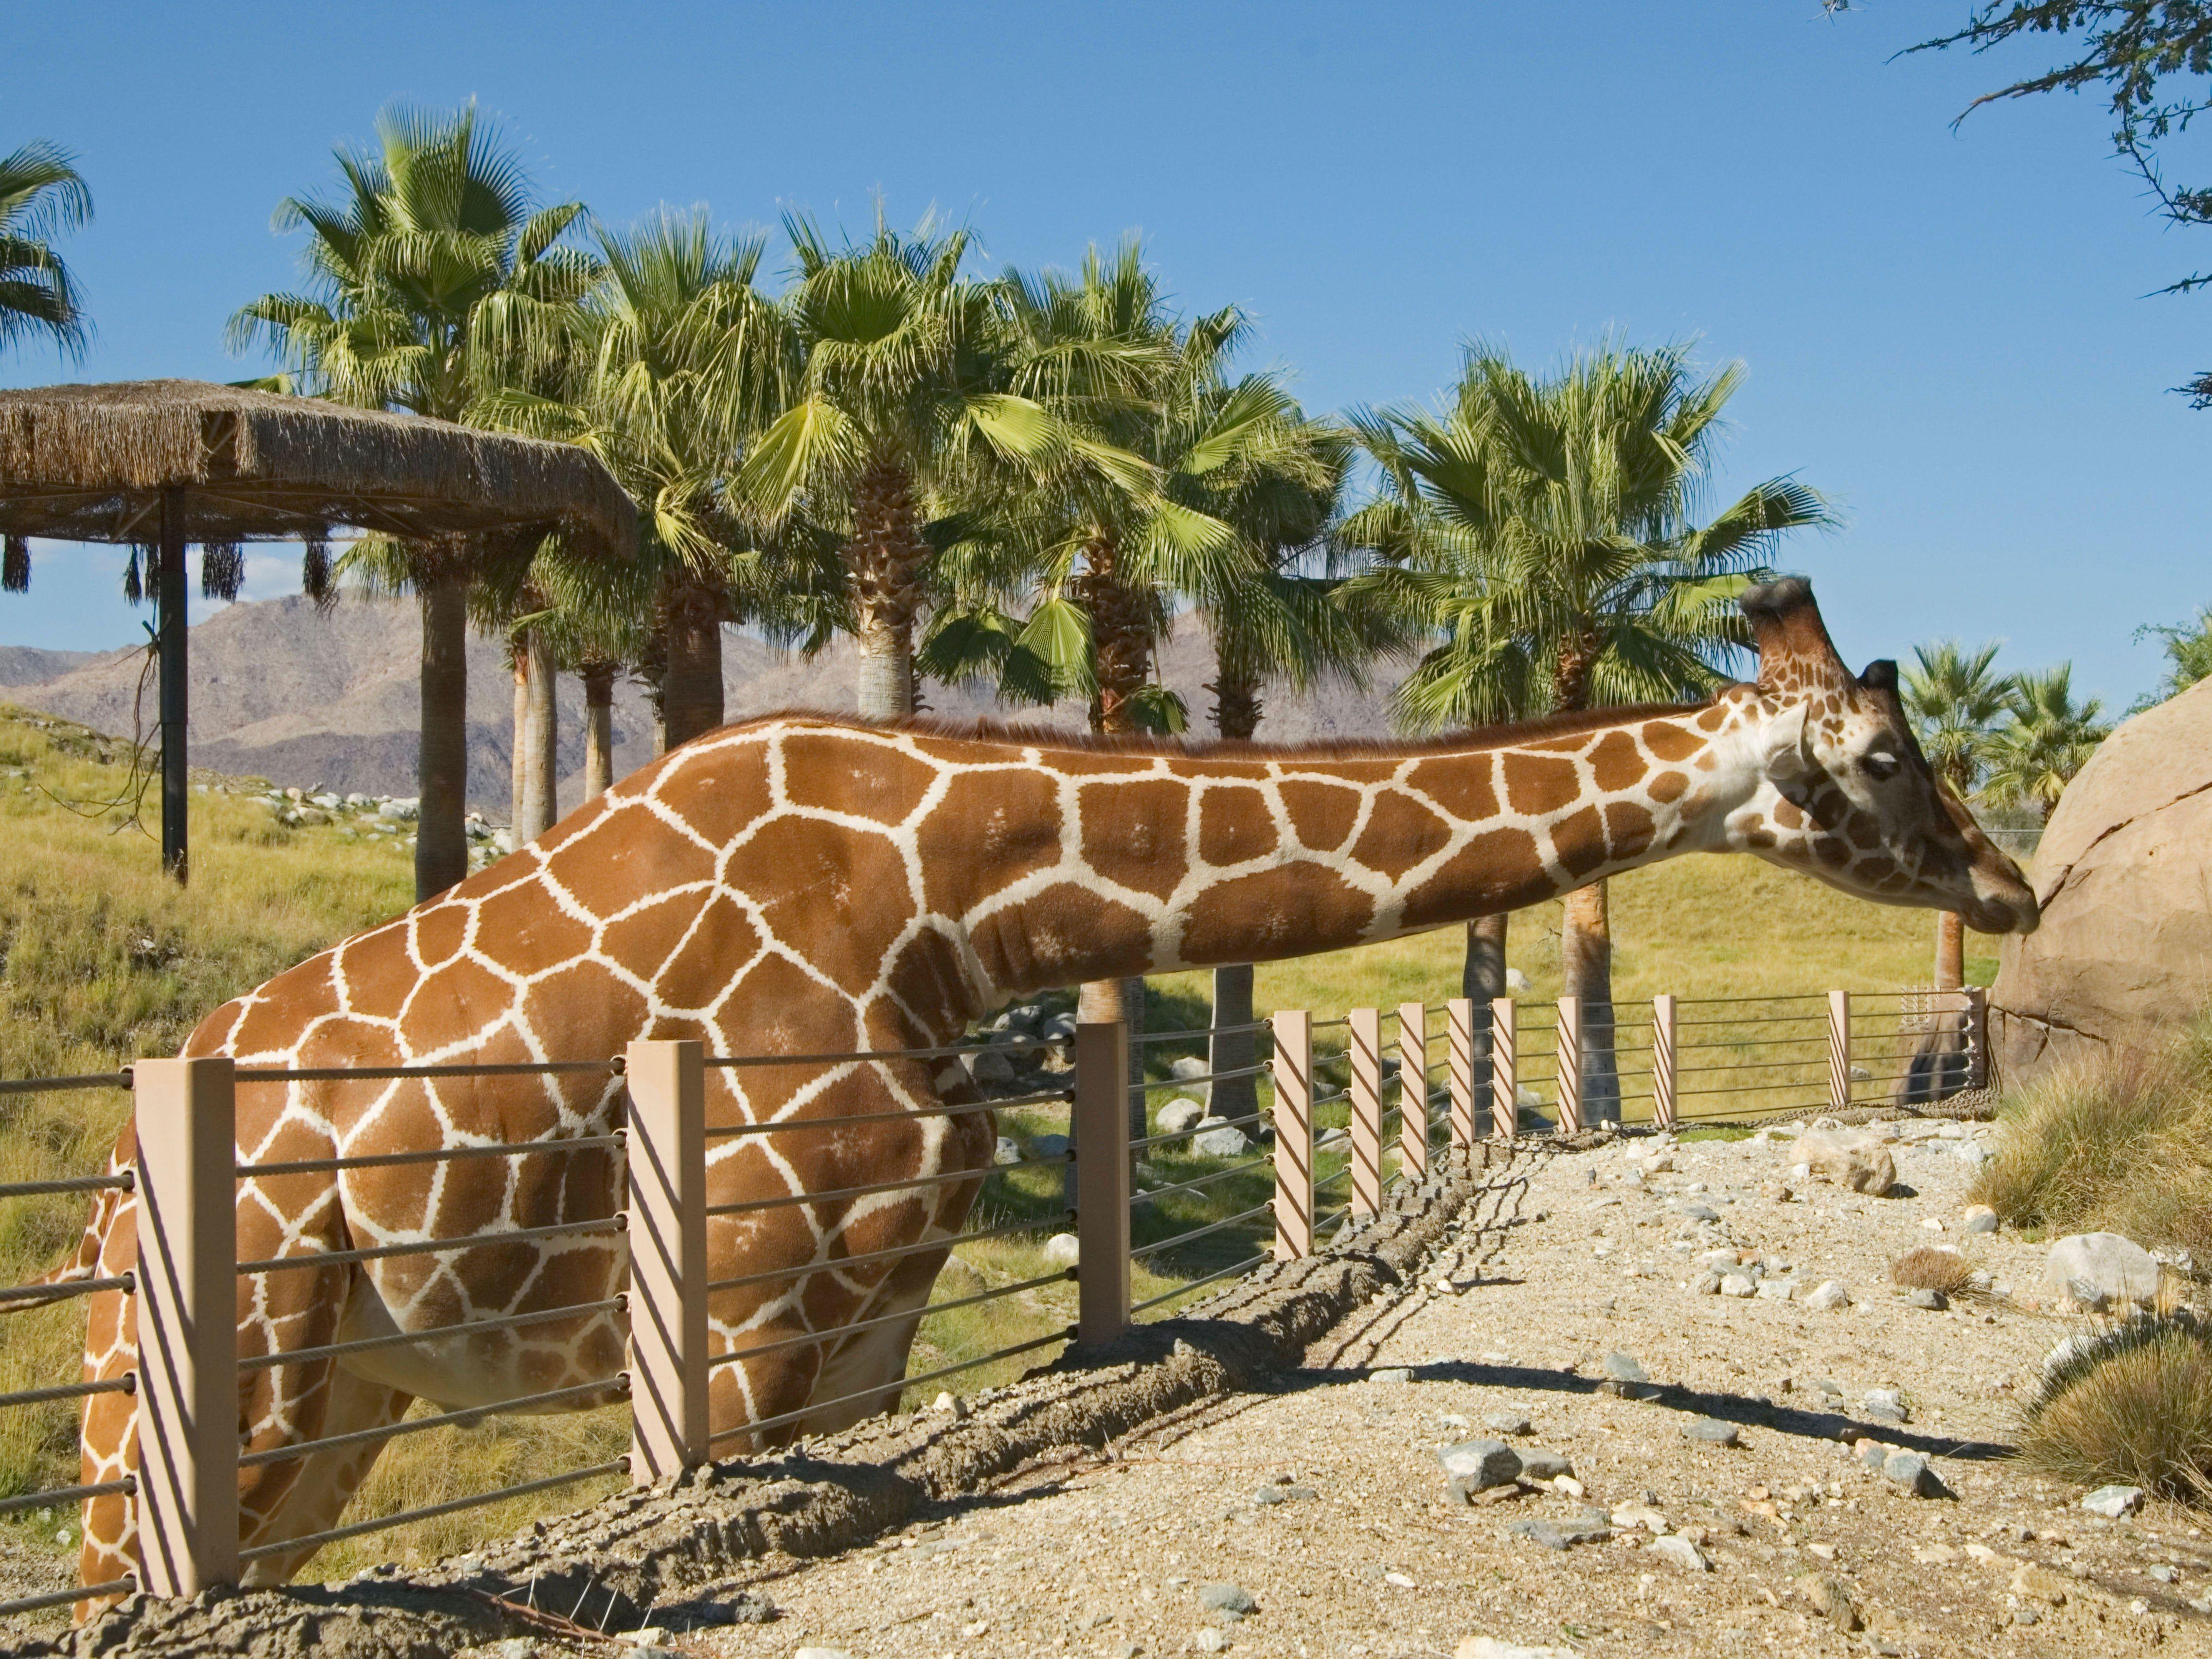 5ec20d50ed4c2bd947a85b29f47aba55 - The Living Desert Zoo And Gardens Tickets